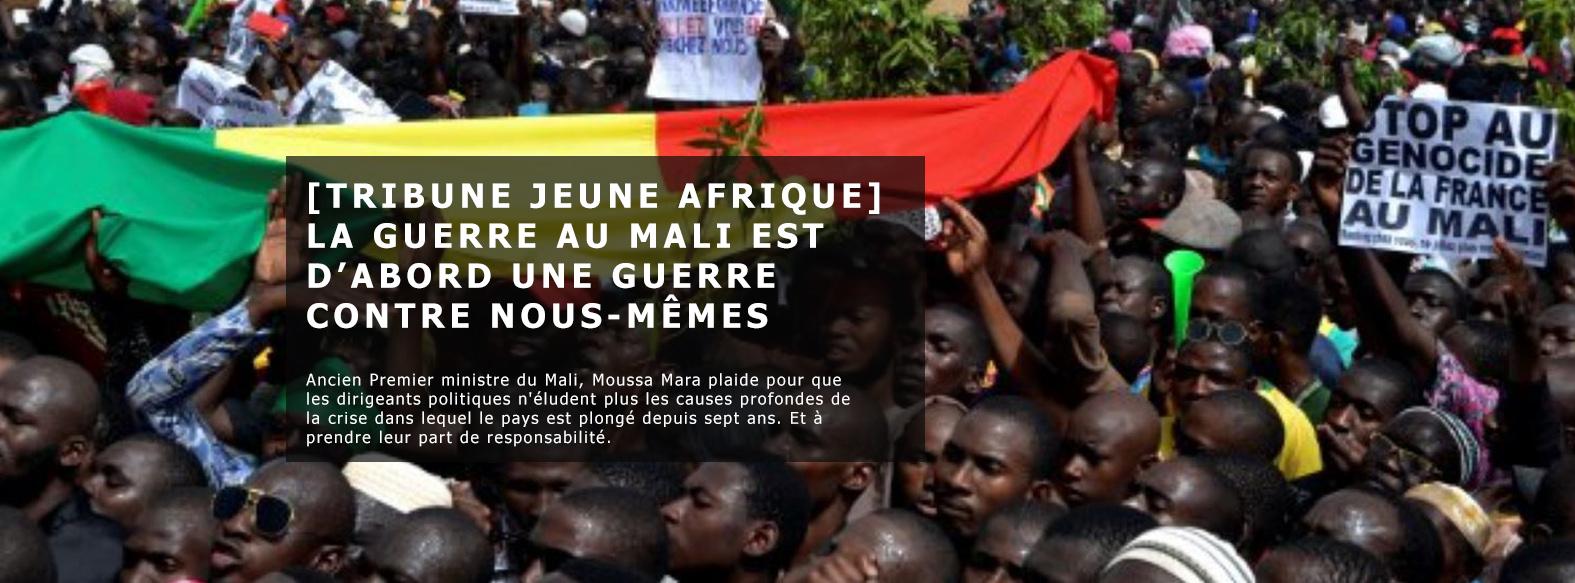 [Tribune] La guerre au Mali est d'abord une guerre contre nous-mêmes – JeuneAfrique.com